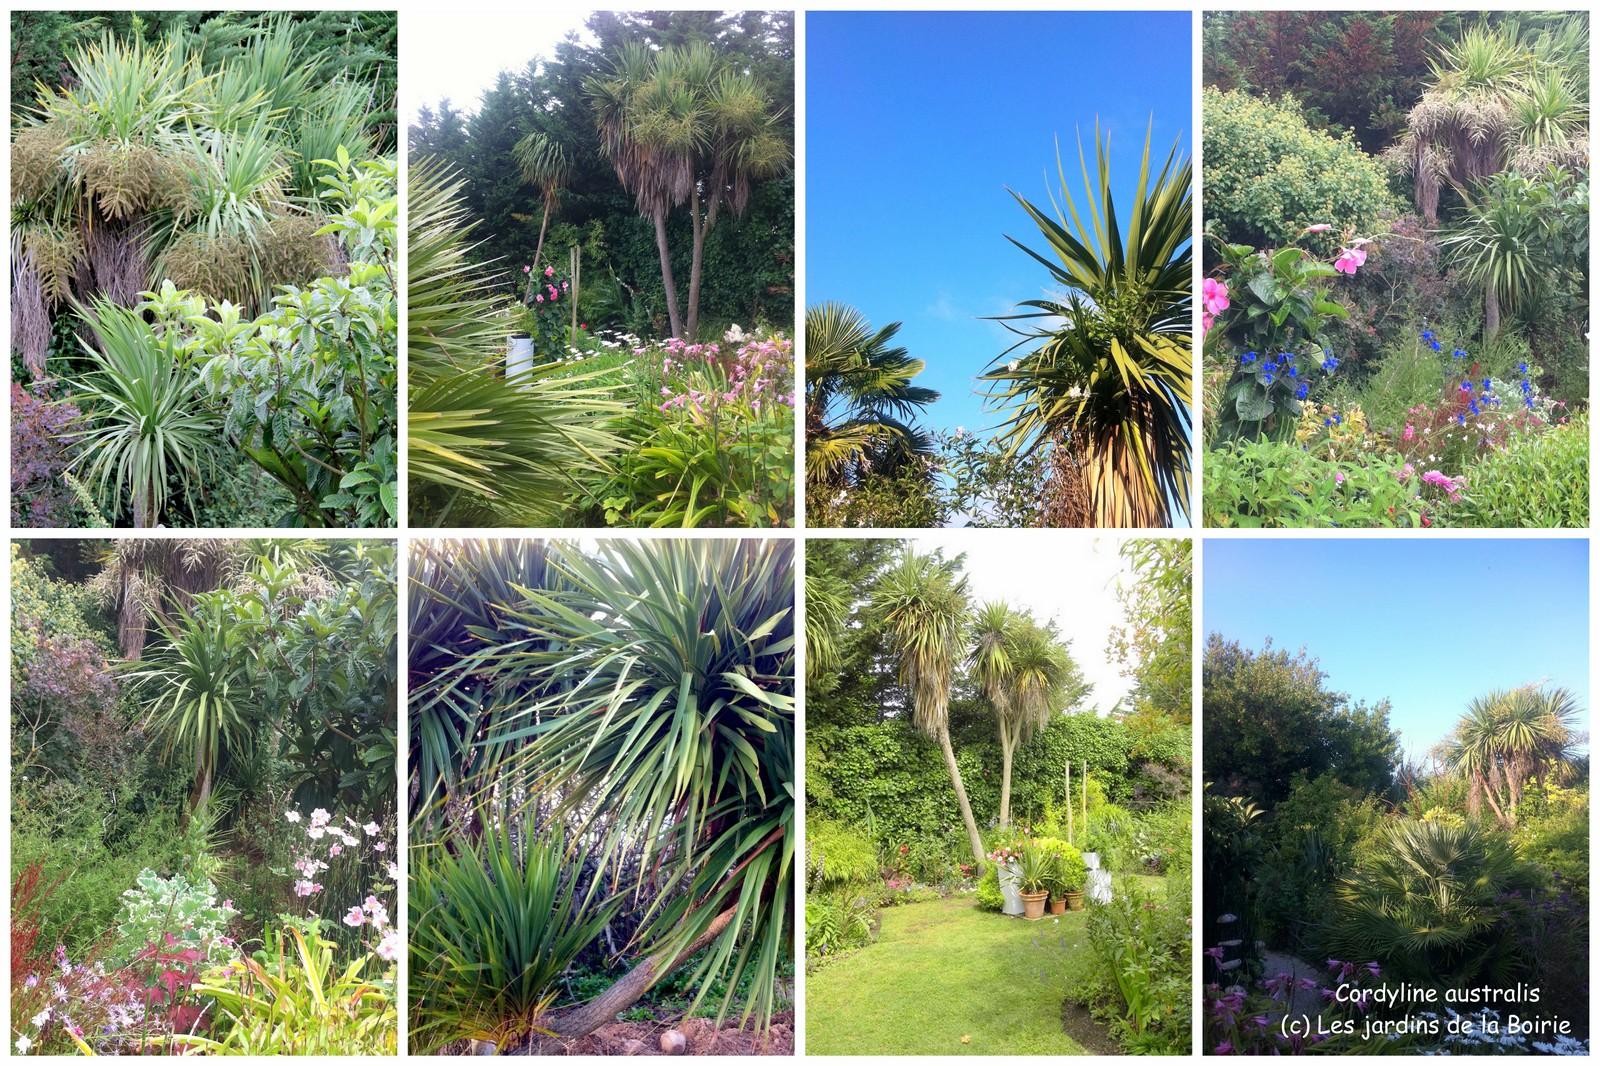 cordyline australis les jardins botaniques de la boirie. Black Bedroom Furniture Sets. Home Design Ideas